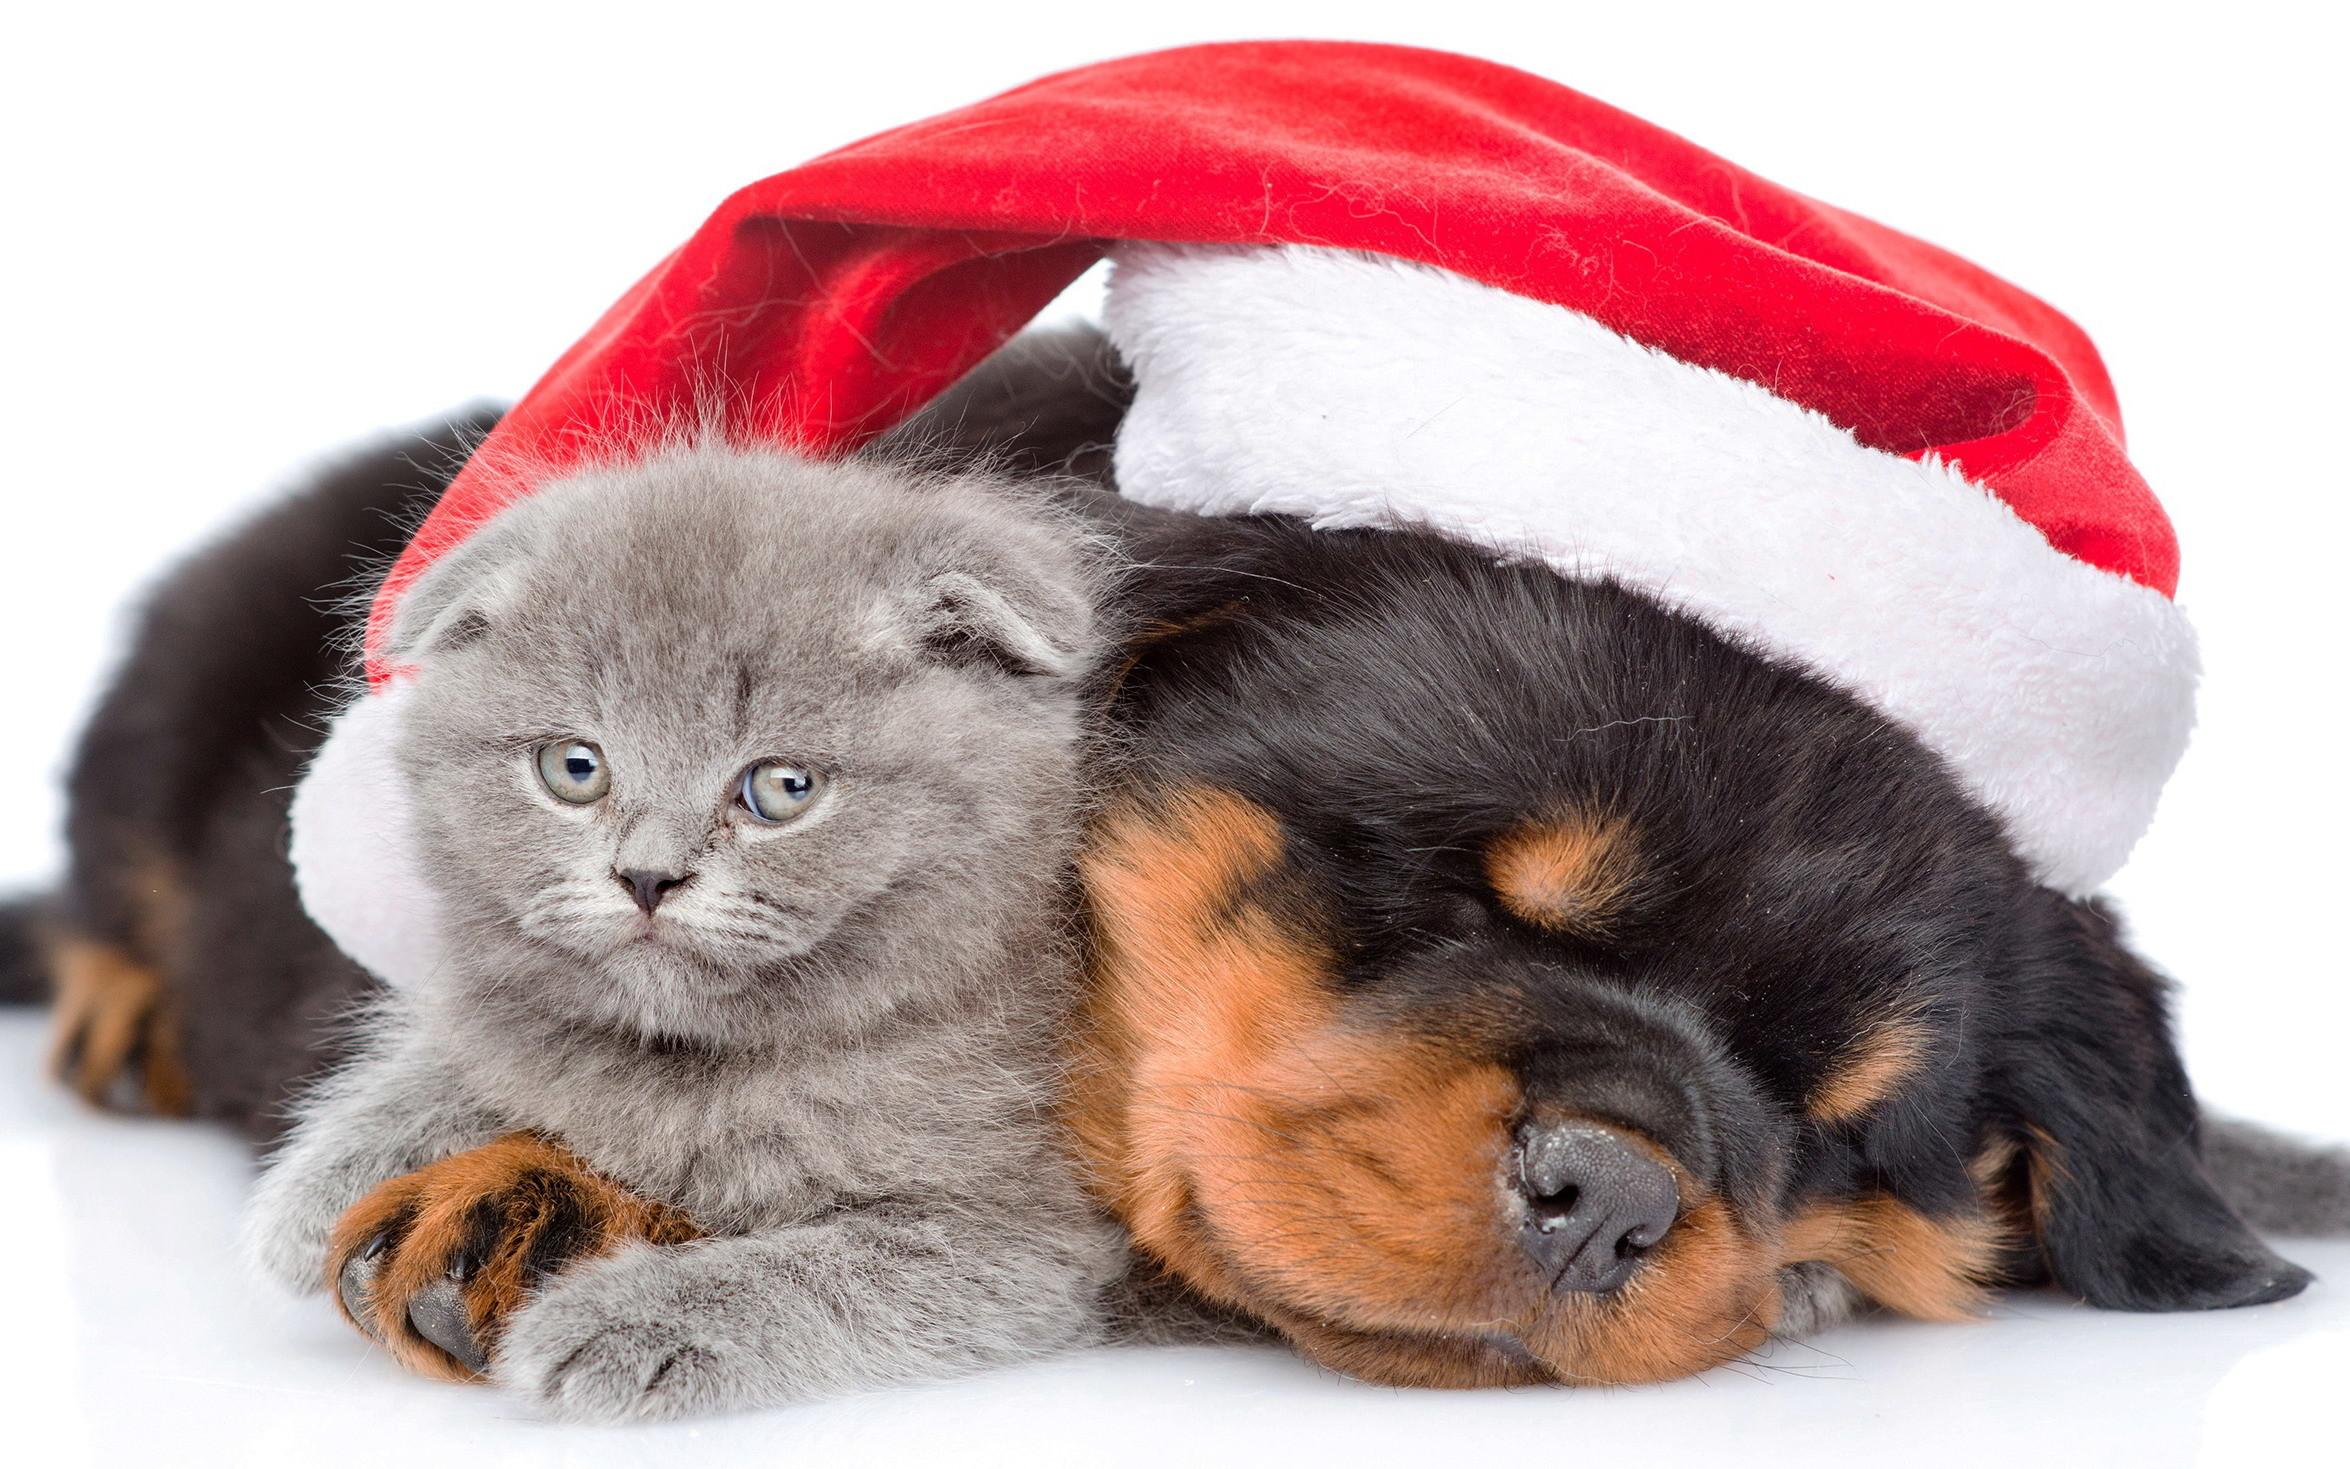 Christmas Kittens Wallpaper (59+ images)